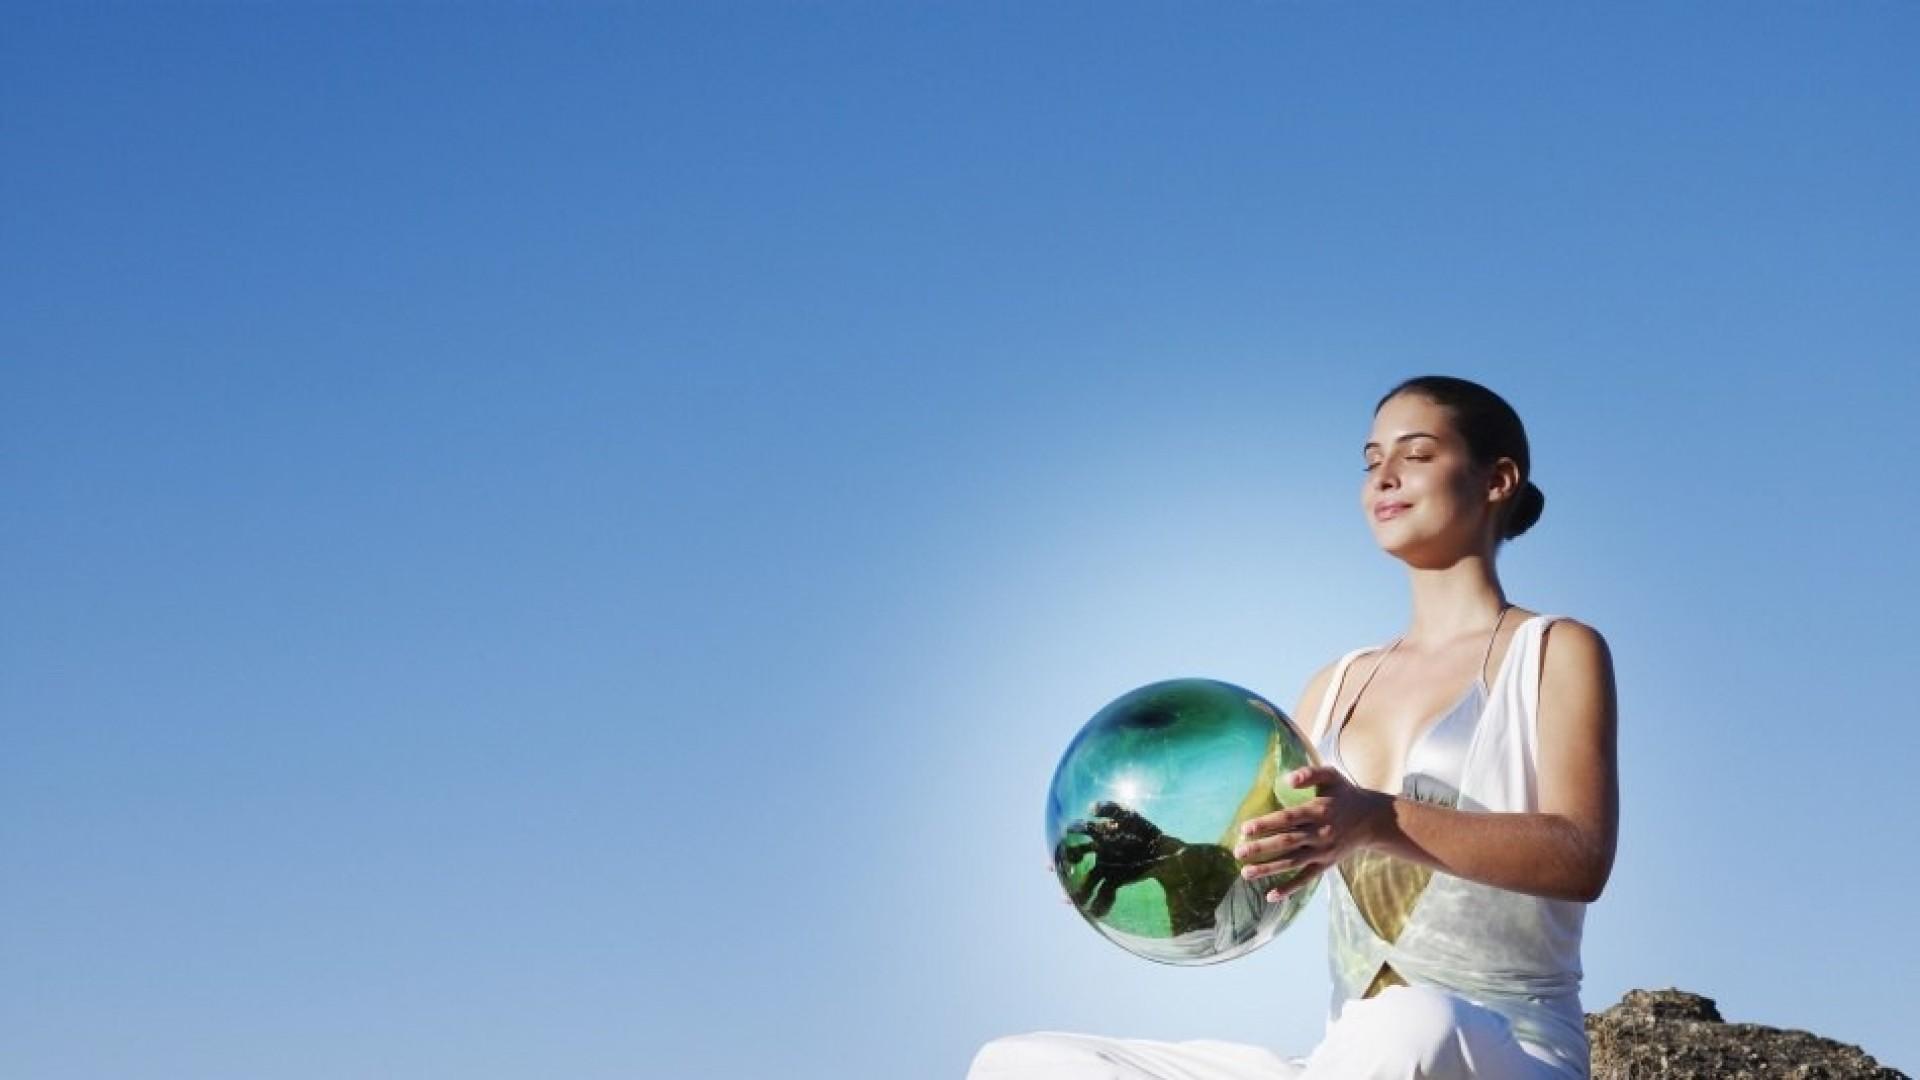 Лиз Бурбо: Как управлять своей энергией